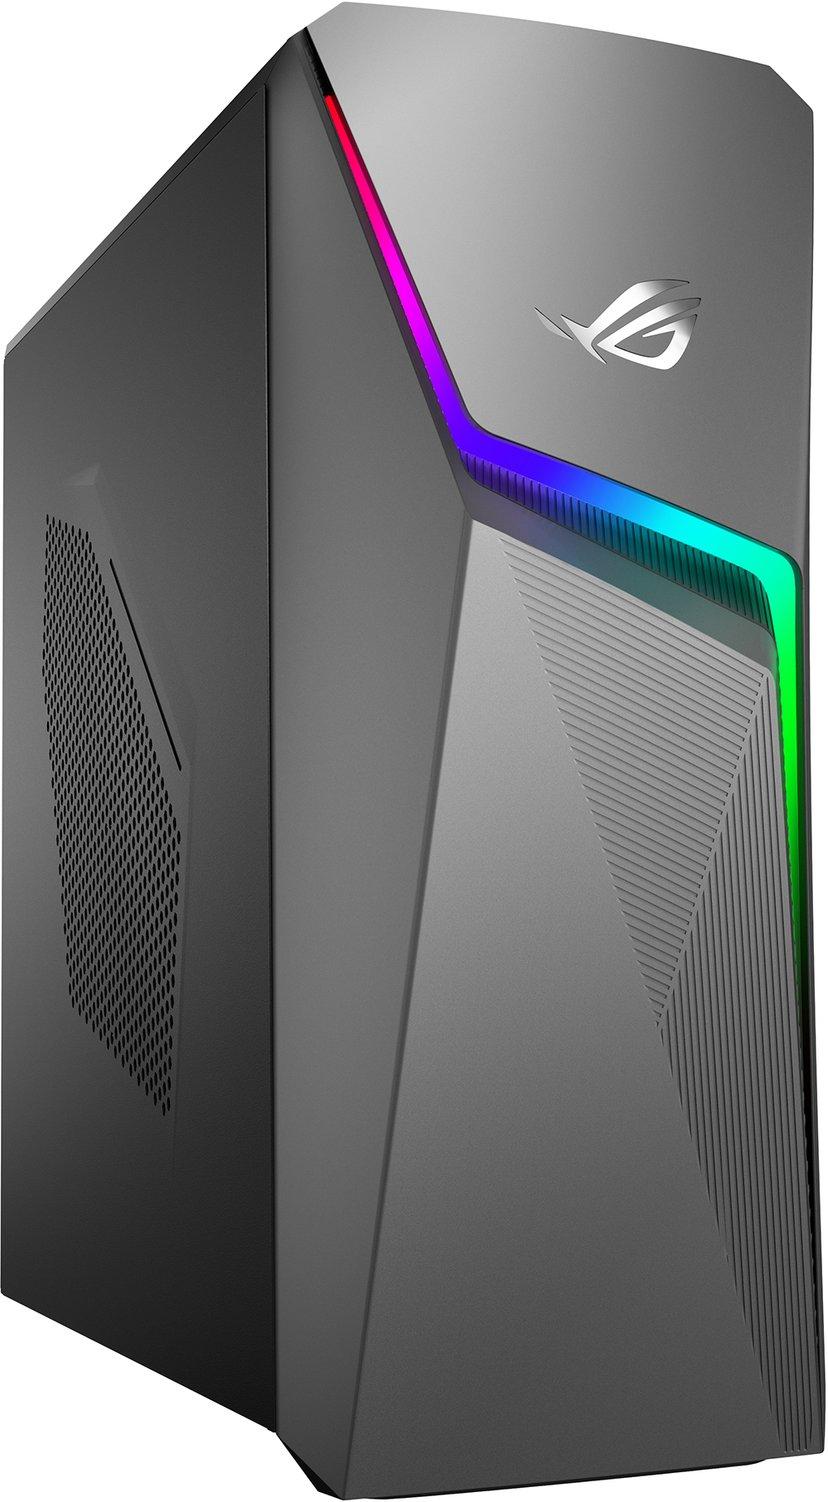 ASUS ROG Strix GL10DH Ryzen 7 16GB 512GB SSD